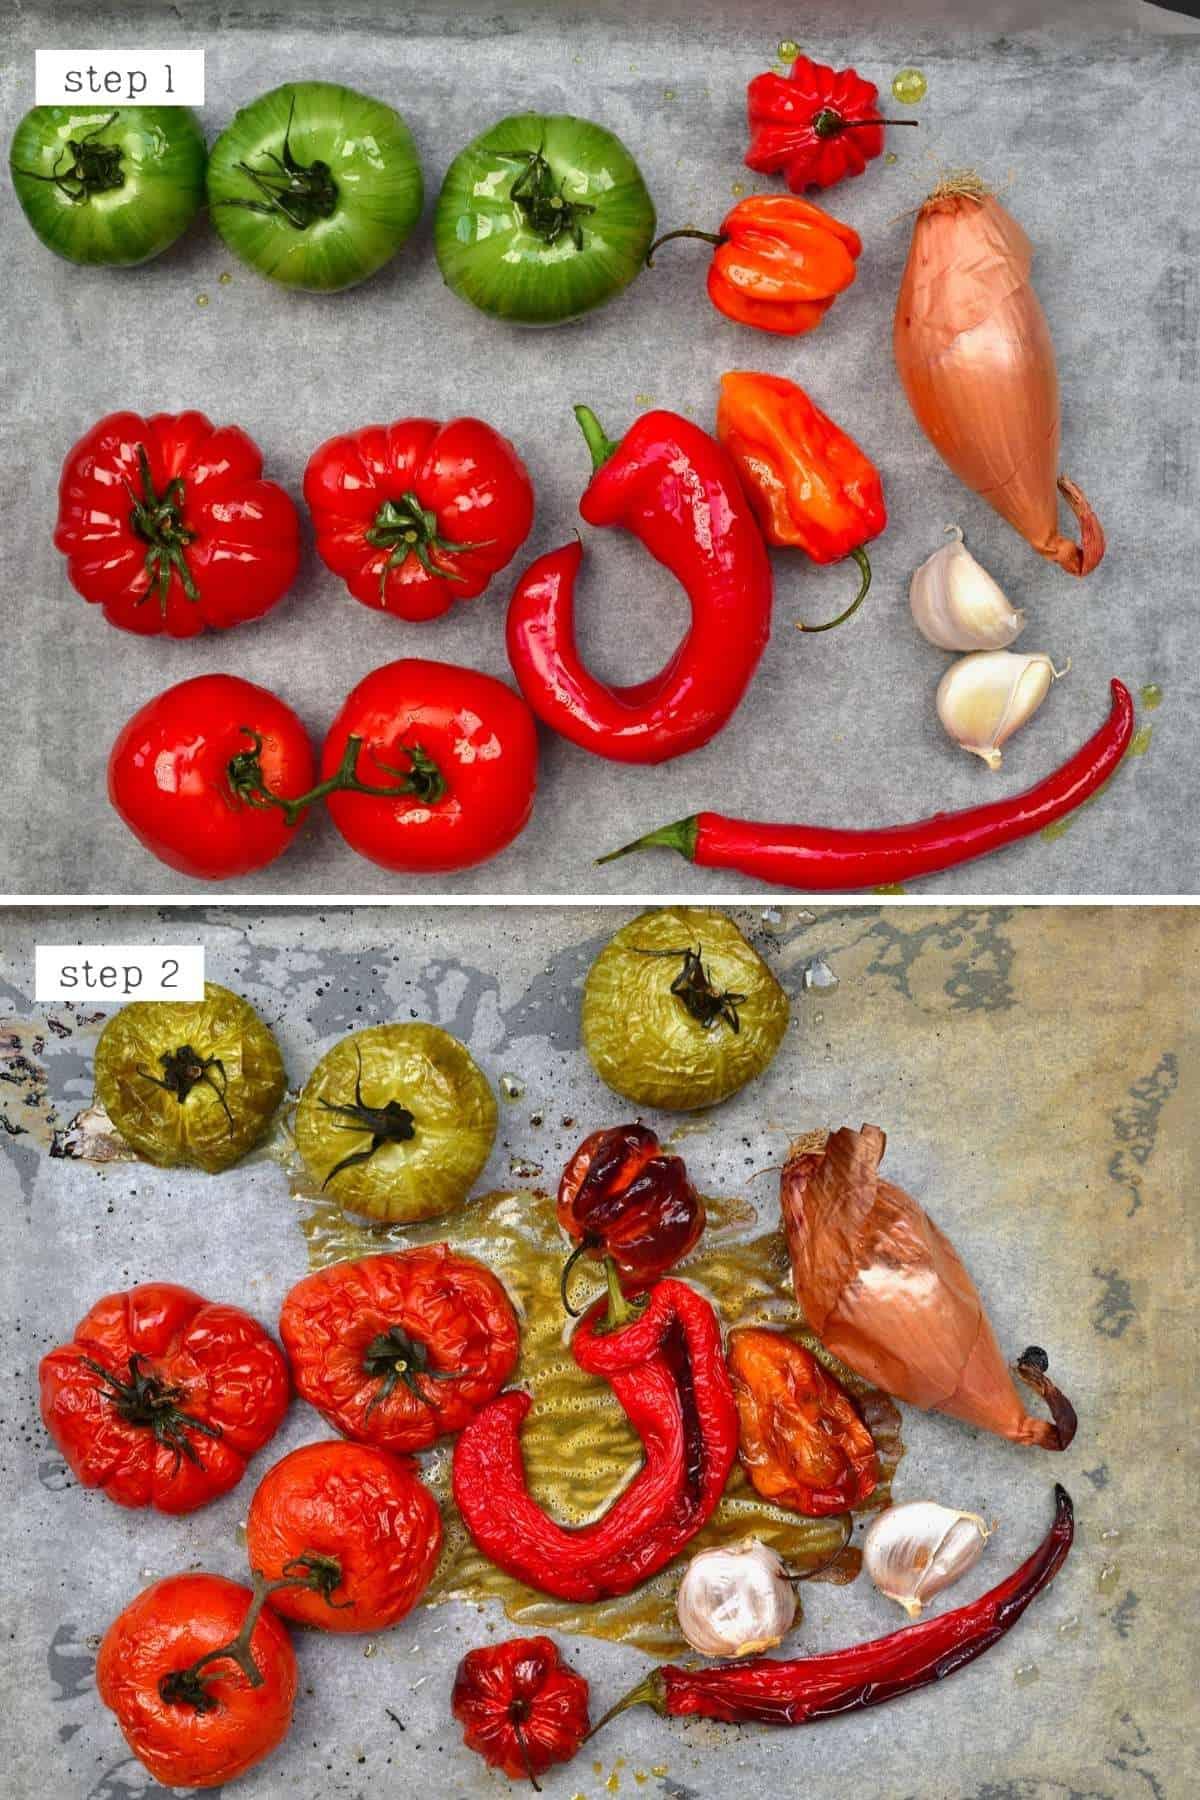 Steps for roasting veggies